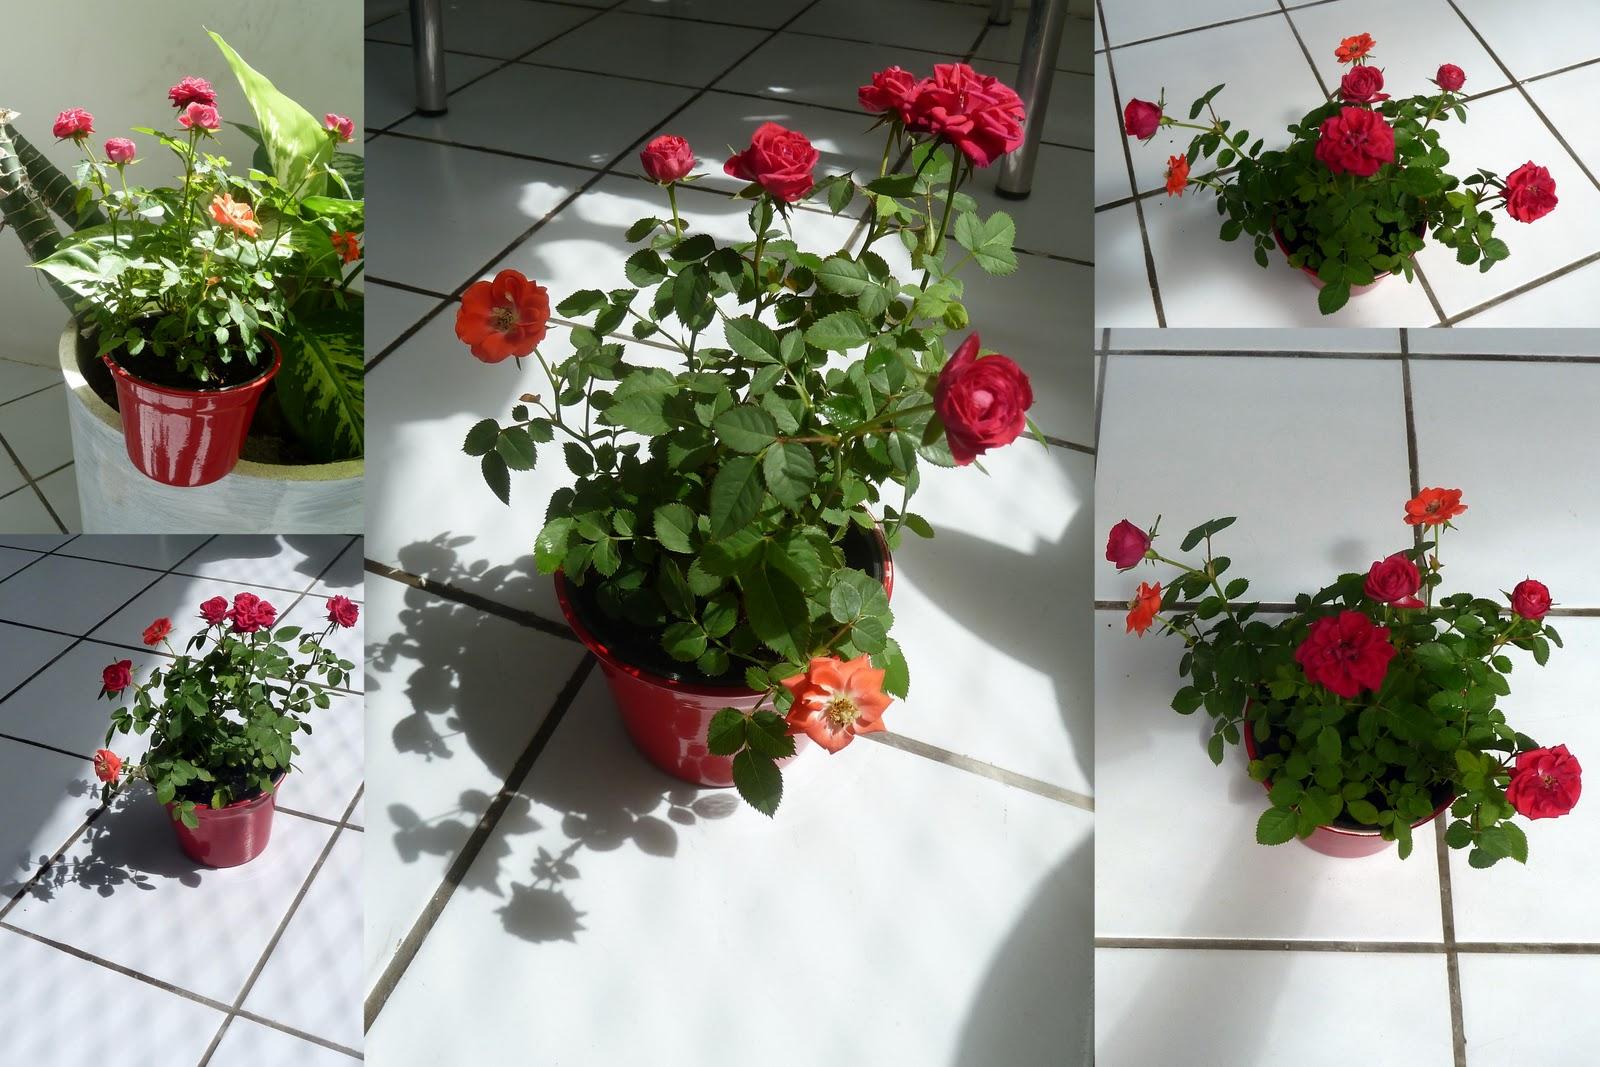 DESPERTA As rosas do meu jardim!